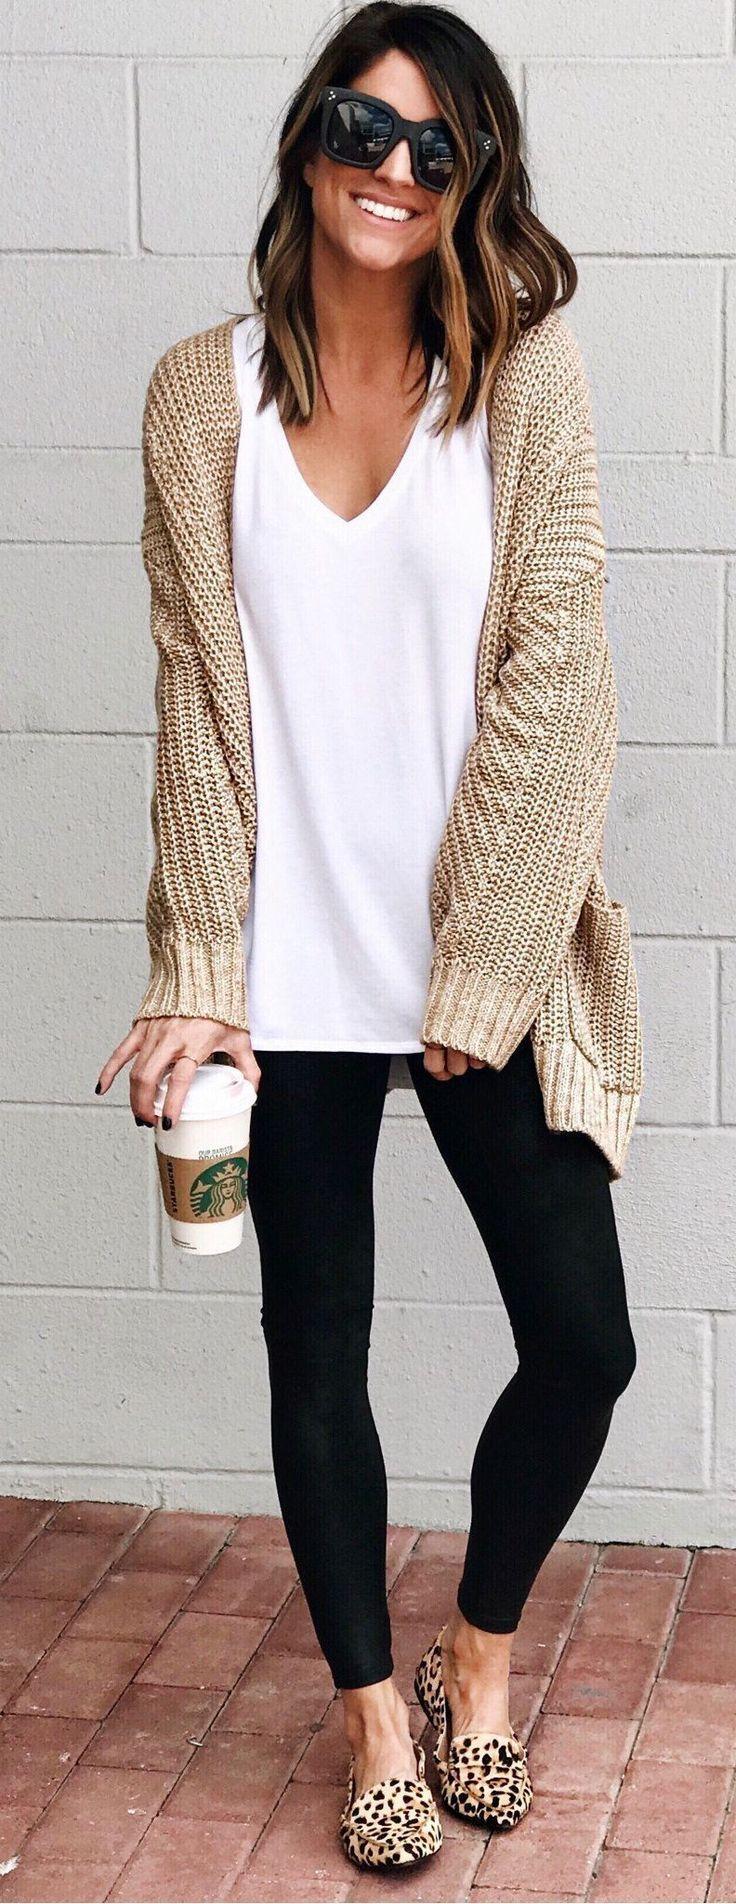 58 Ideen für ein geniales Outfit, um den Winter mit Stil zu beenden #Ausstattung #Damenstil #Damenstil